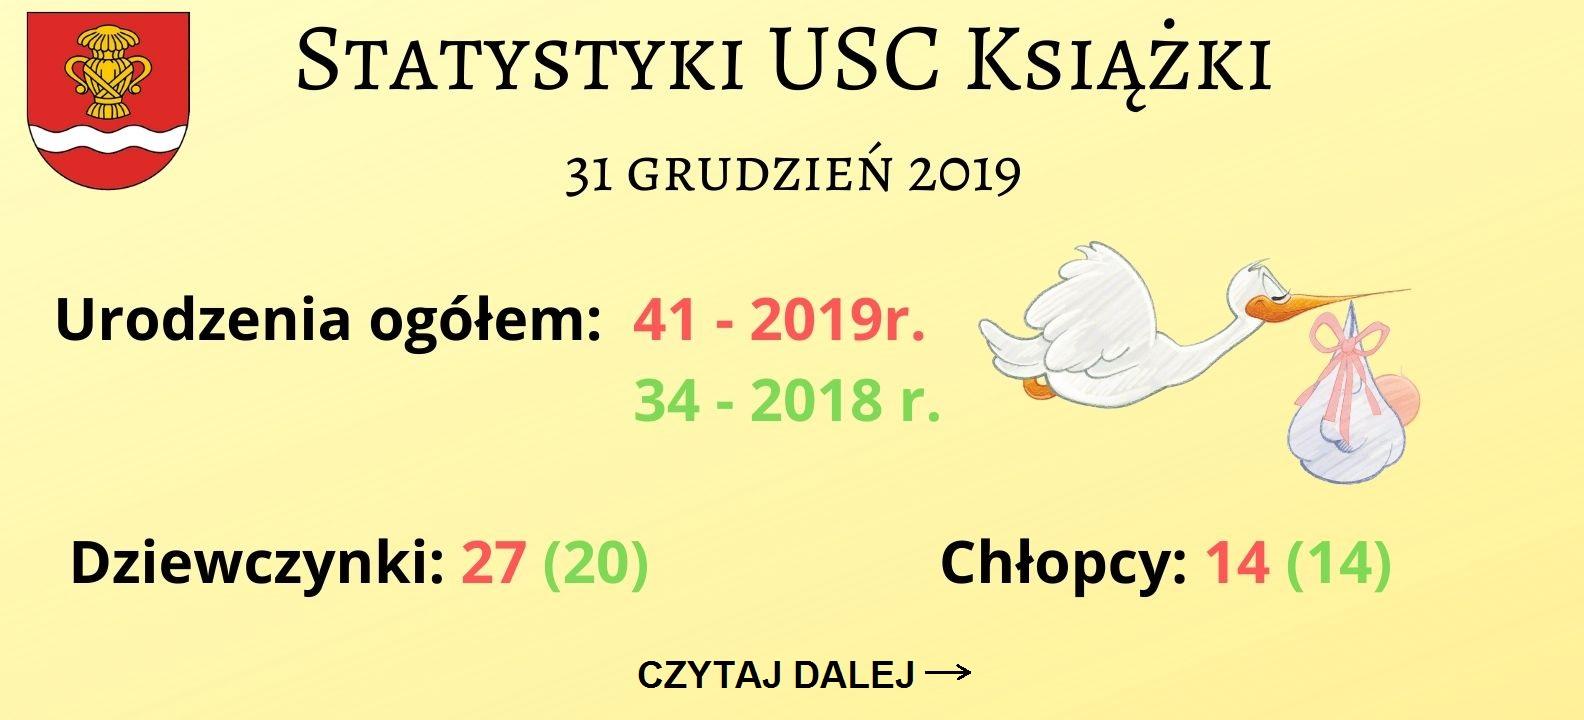 Statystyki USC Książki grudzień 2019